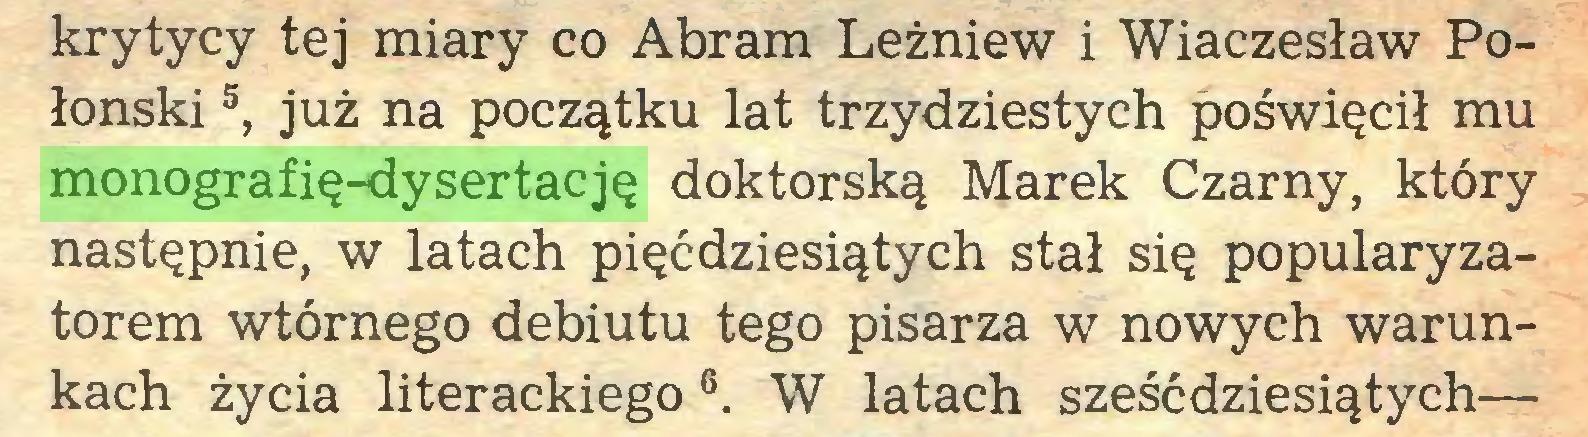 (...) krytycy tej miary co Abram Leżniew i Wiaczesław Połonski5, już na początku lat trzydziestych poświęcił mu monografię-dysertację doktorską Marek Czarny, który następnie, w latach pięćdziesiątych stał się popularyzatorem wtórnego debiutu tego pisarza w nowych warunkach życia literackiego 6. W latach sześćdziesiątych—...